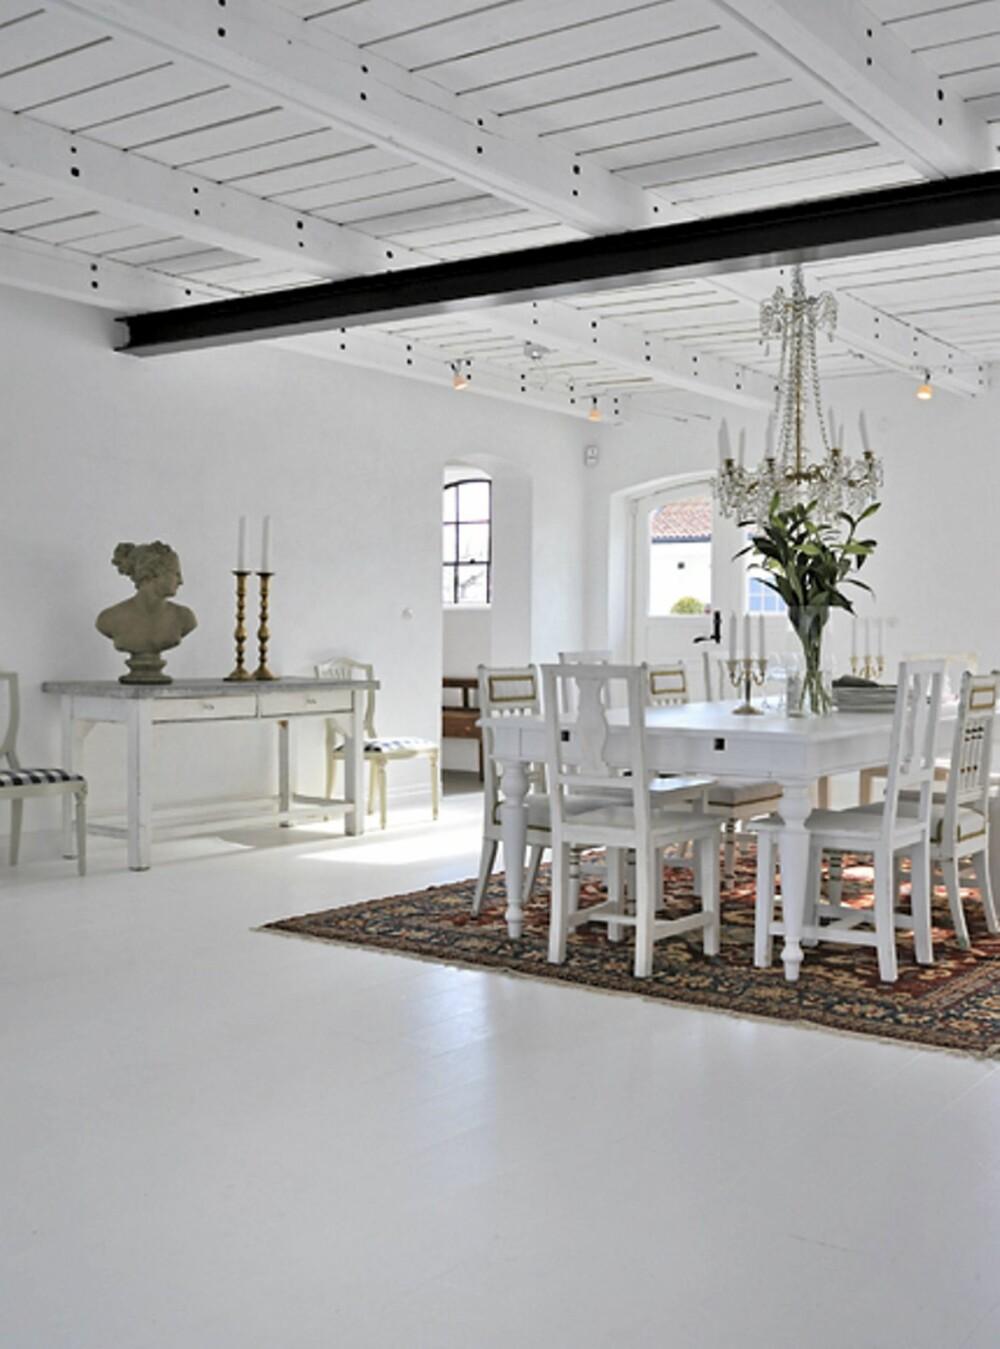 SPISESTUE: Spisestuen har et majestetisk uttrykk med de store gulvflatene og den ruvende lysekronen